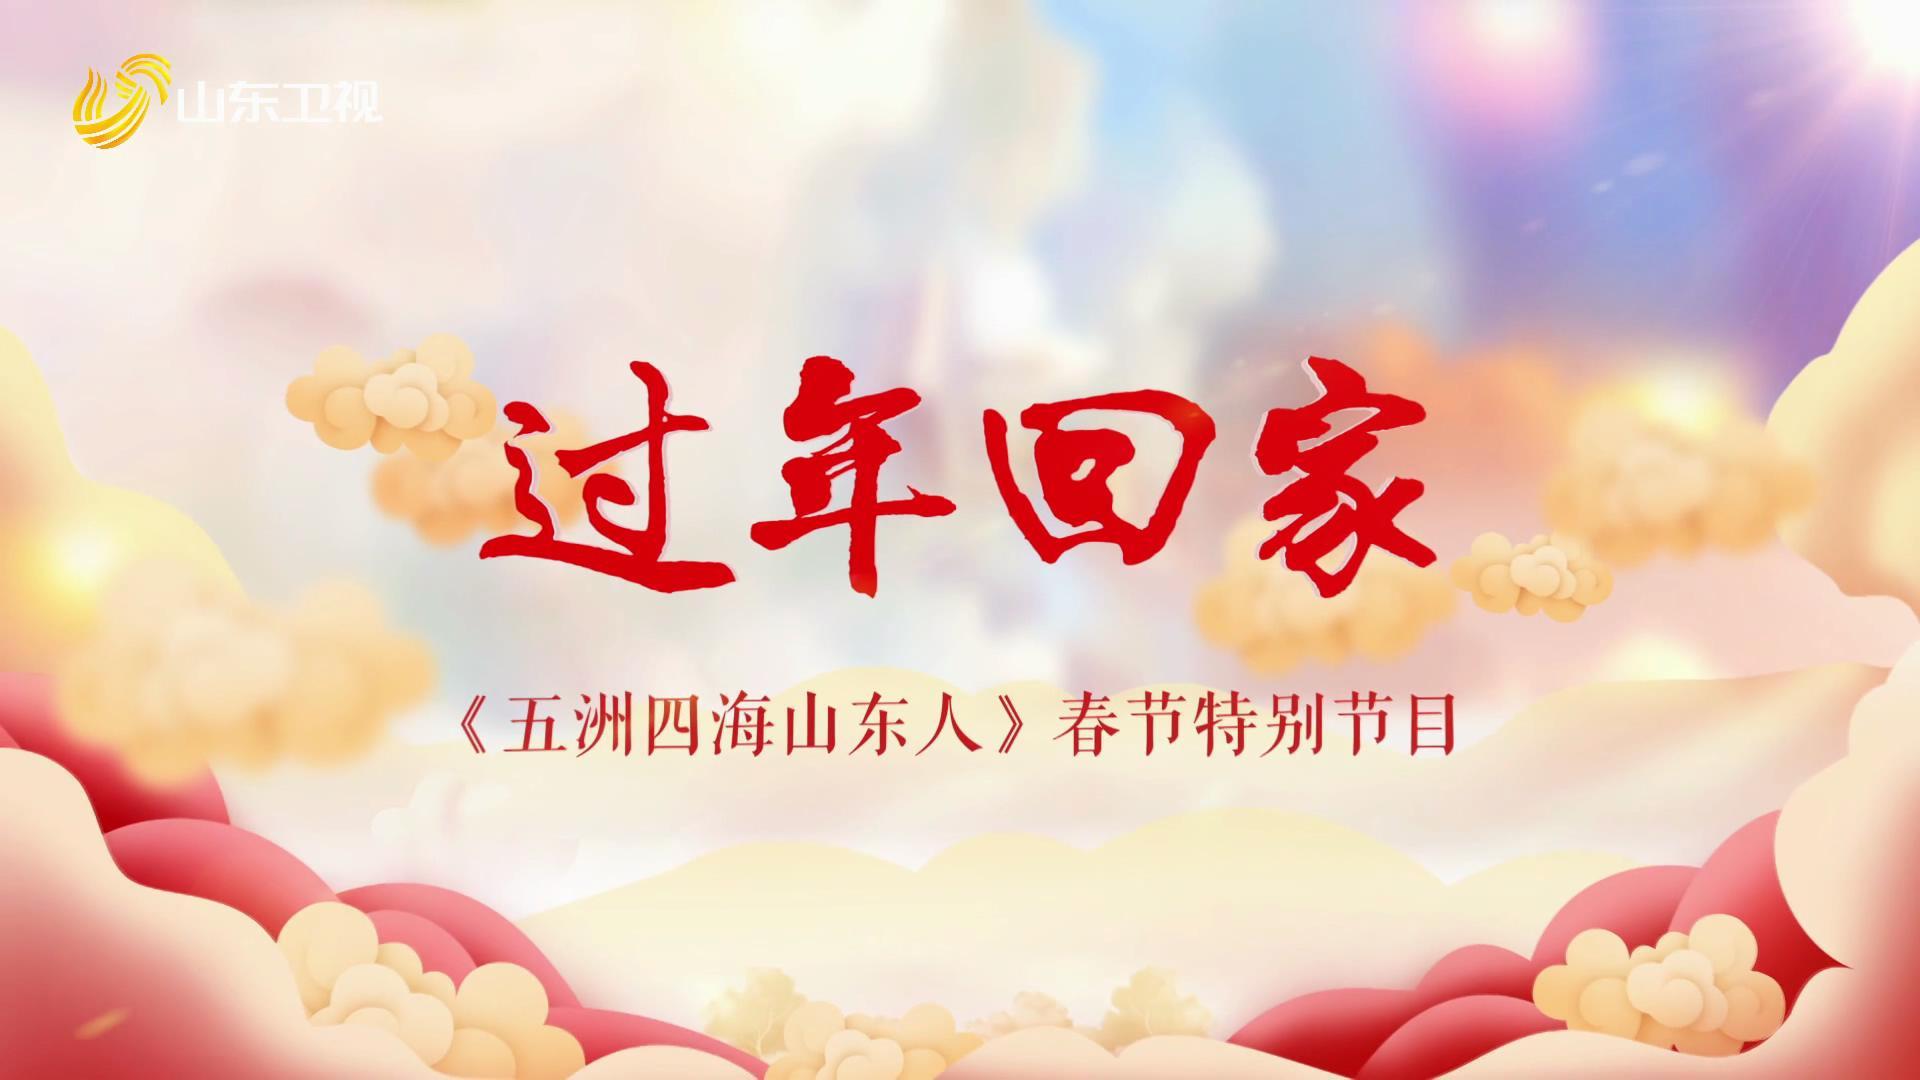 20200118完整版|《五洲四海山东人》春节特别节目 过年回家